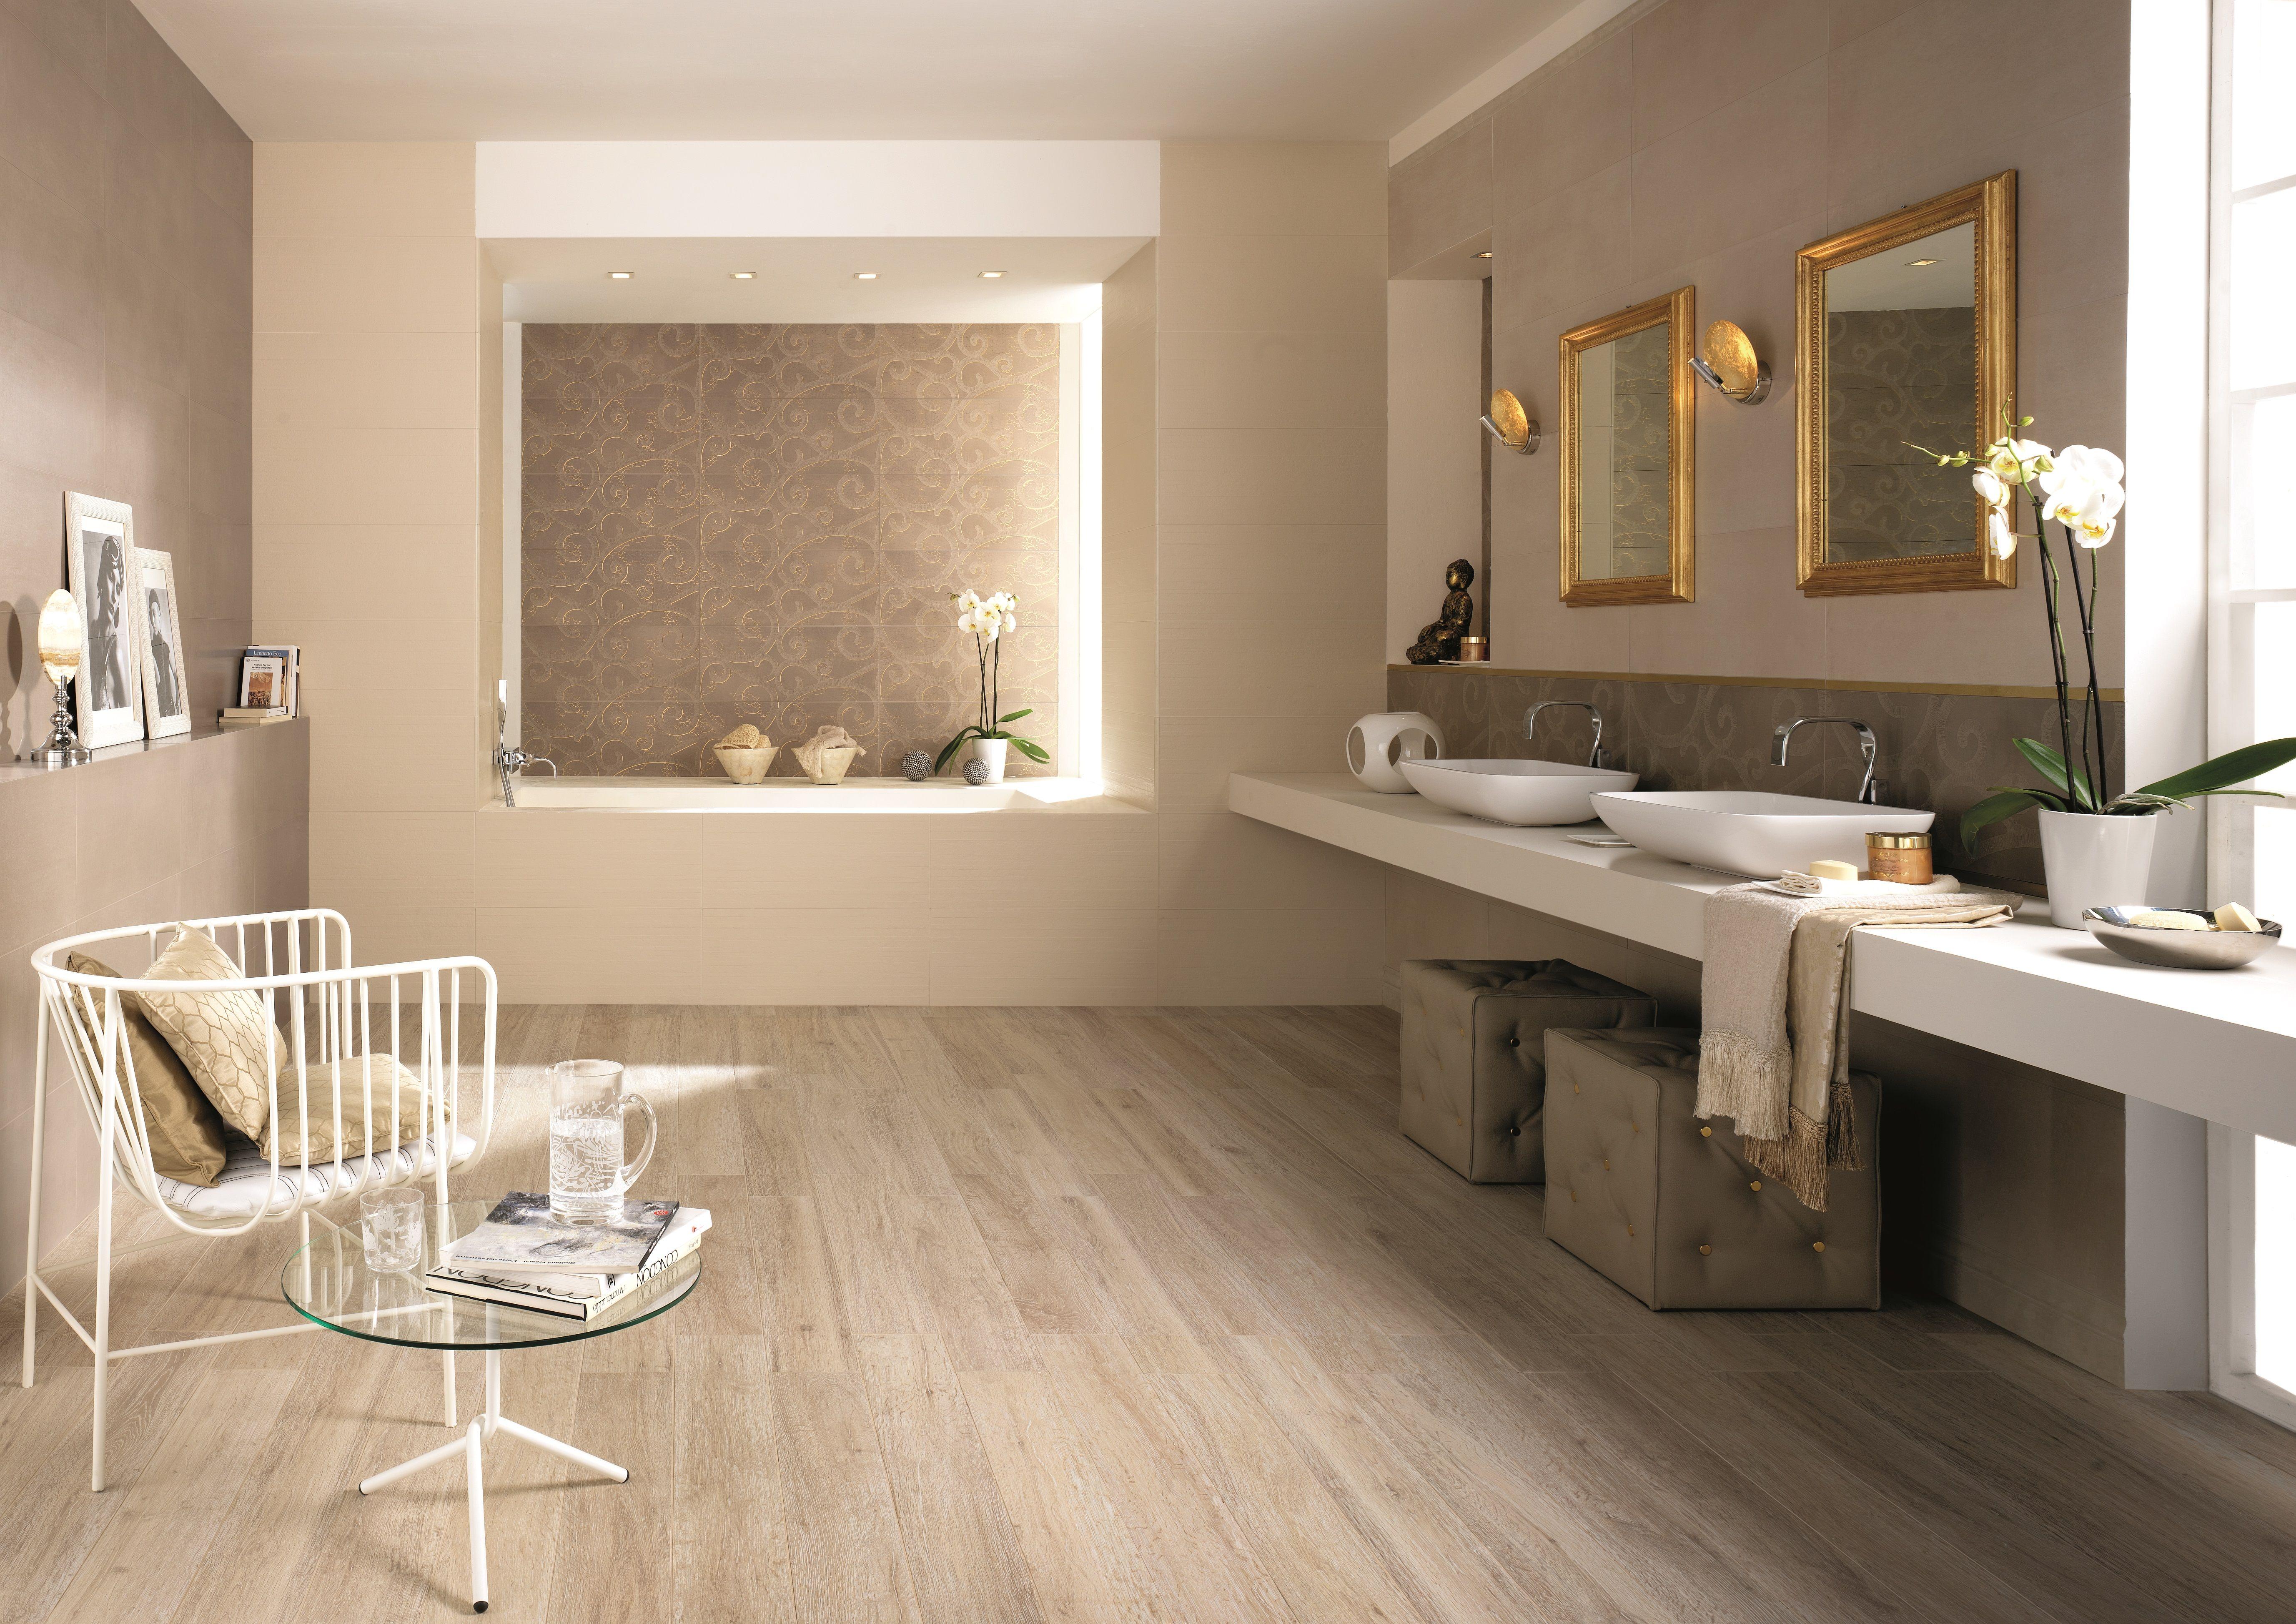 der boden im holz look wirkt edel und harmoniert wunderbar. Black Bedroom Furniture Sets. Home Design Ideas